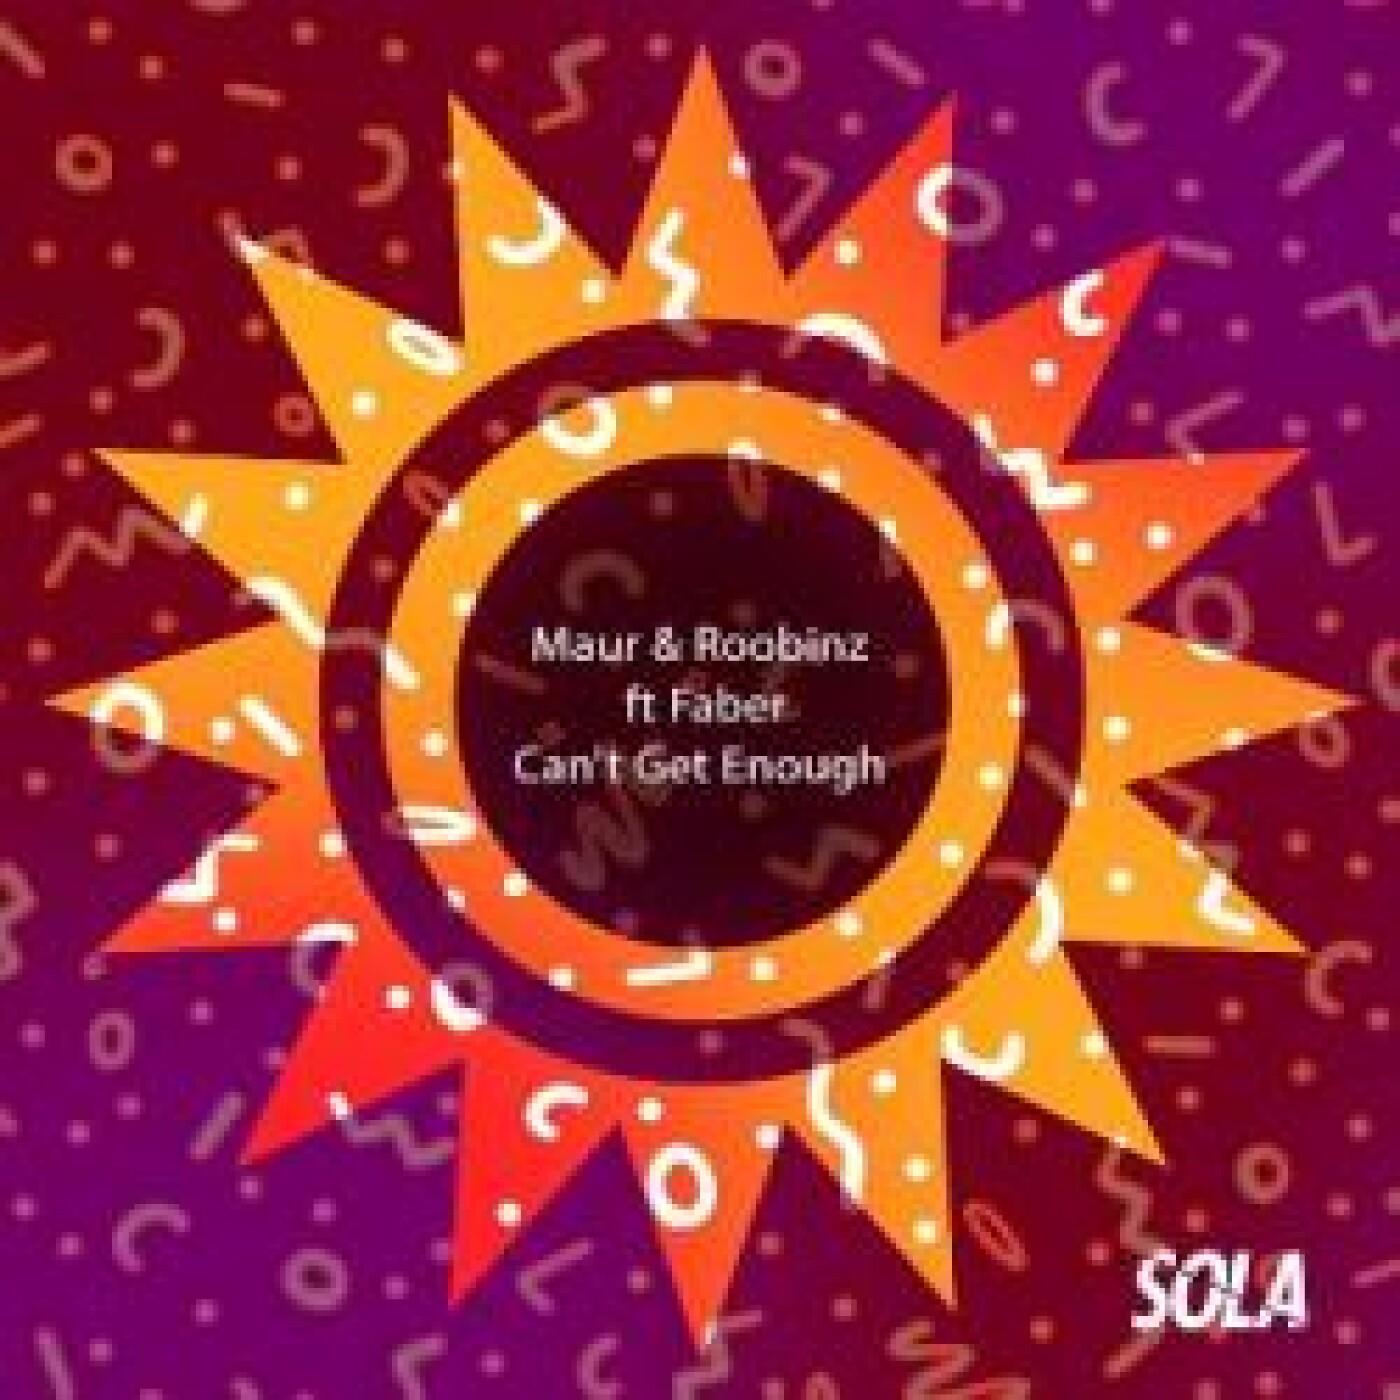 FG MUSIC NEWS : découvrez la collab Maur & Roobinz !